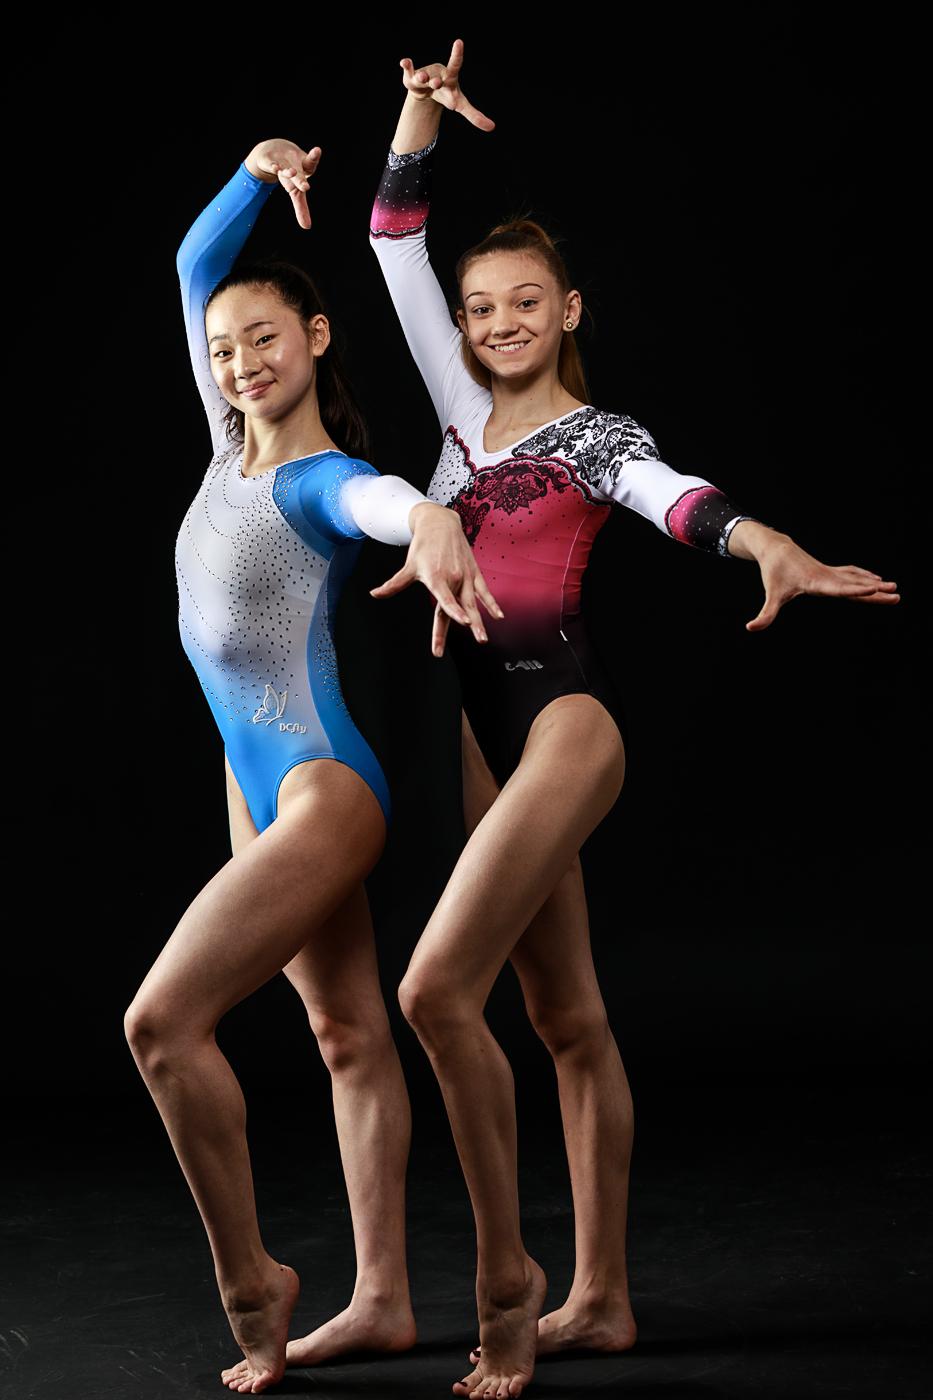 Olympia-PerspektivTeam: Gemeinschaftsfoto von Aiyu Zhu auf der linken Seite und Michelle Kunz rechts.